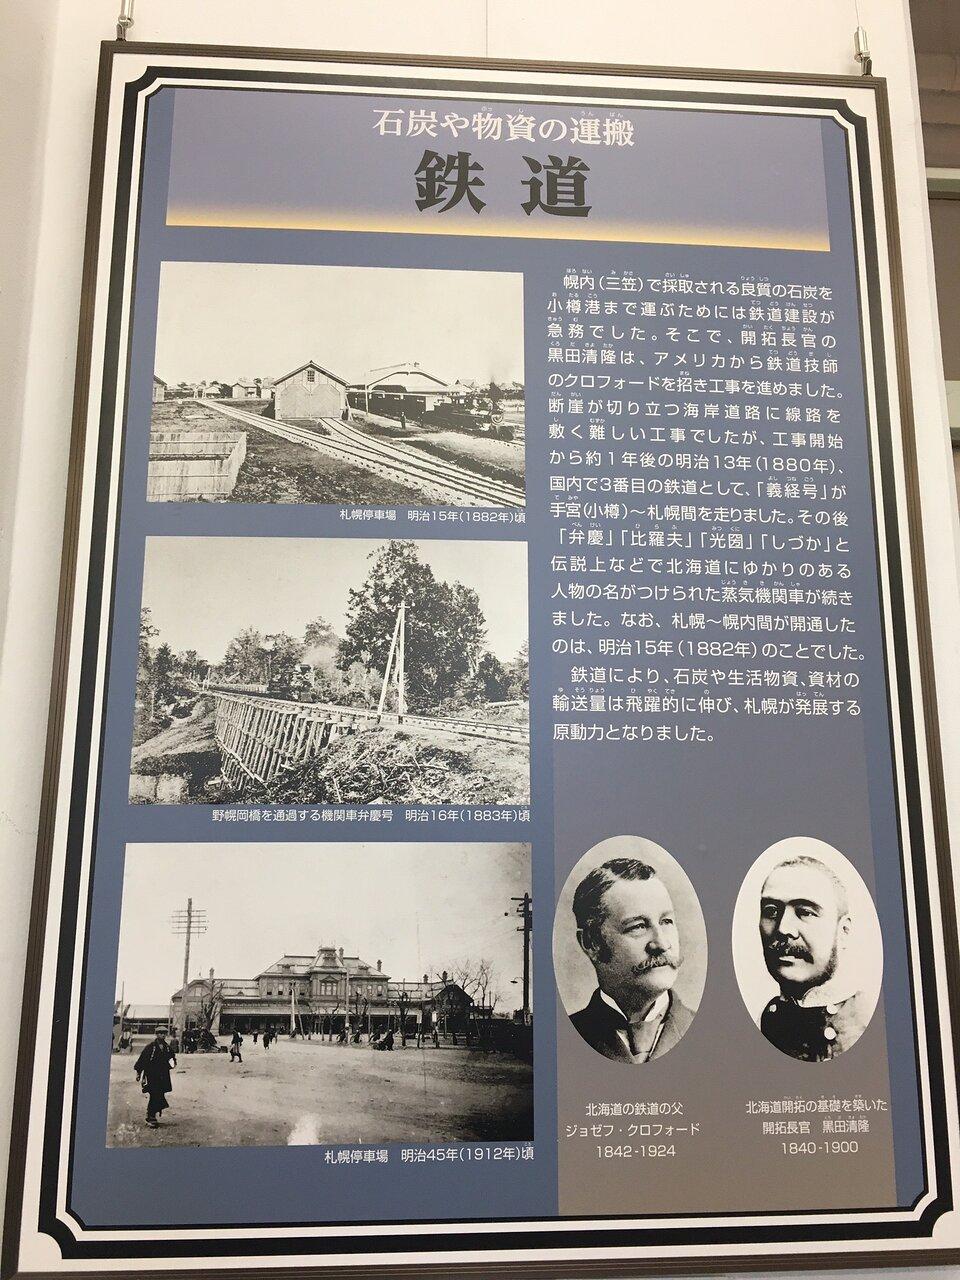 開拓 歴史 北海道